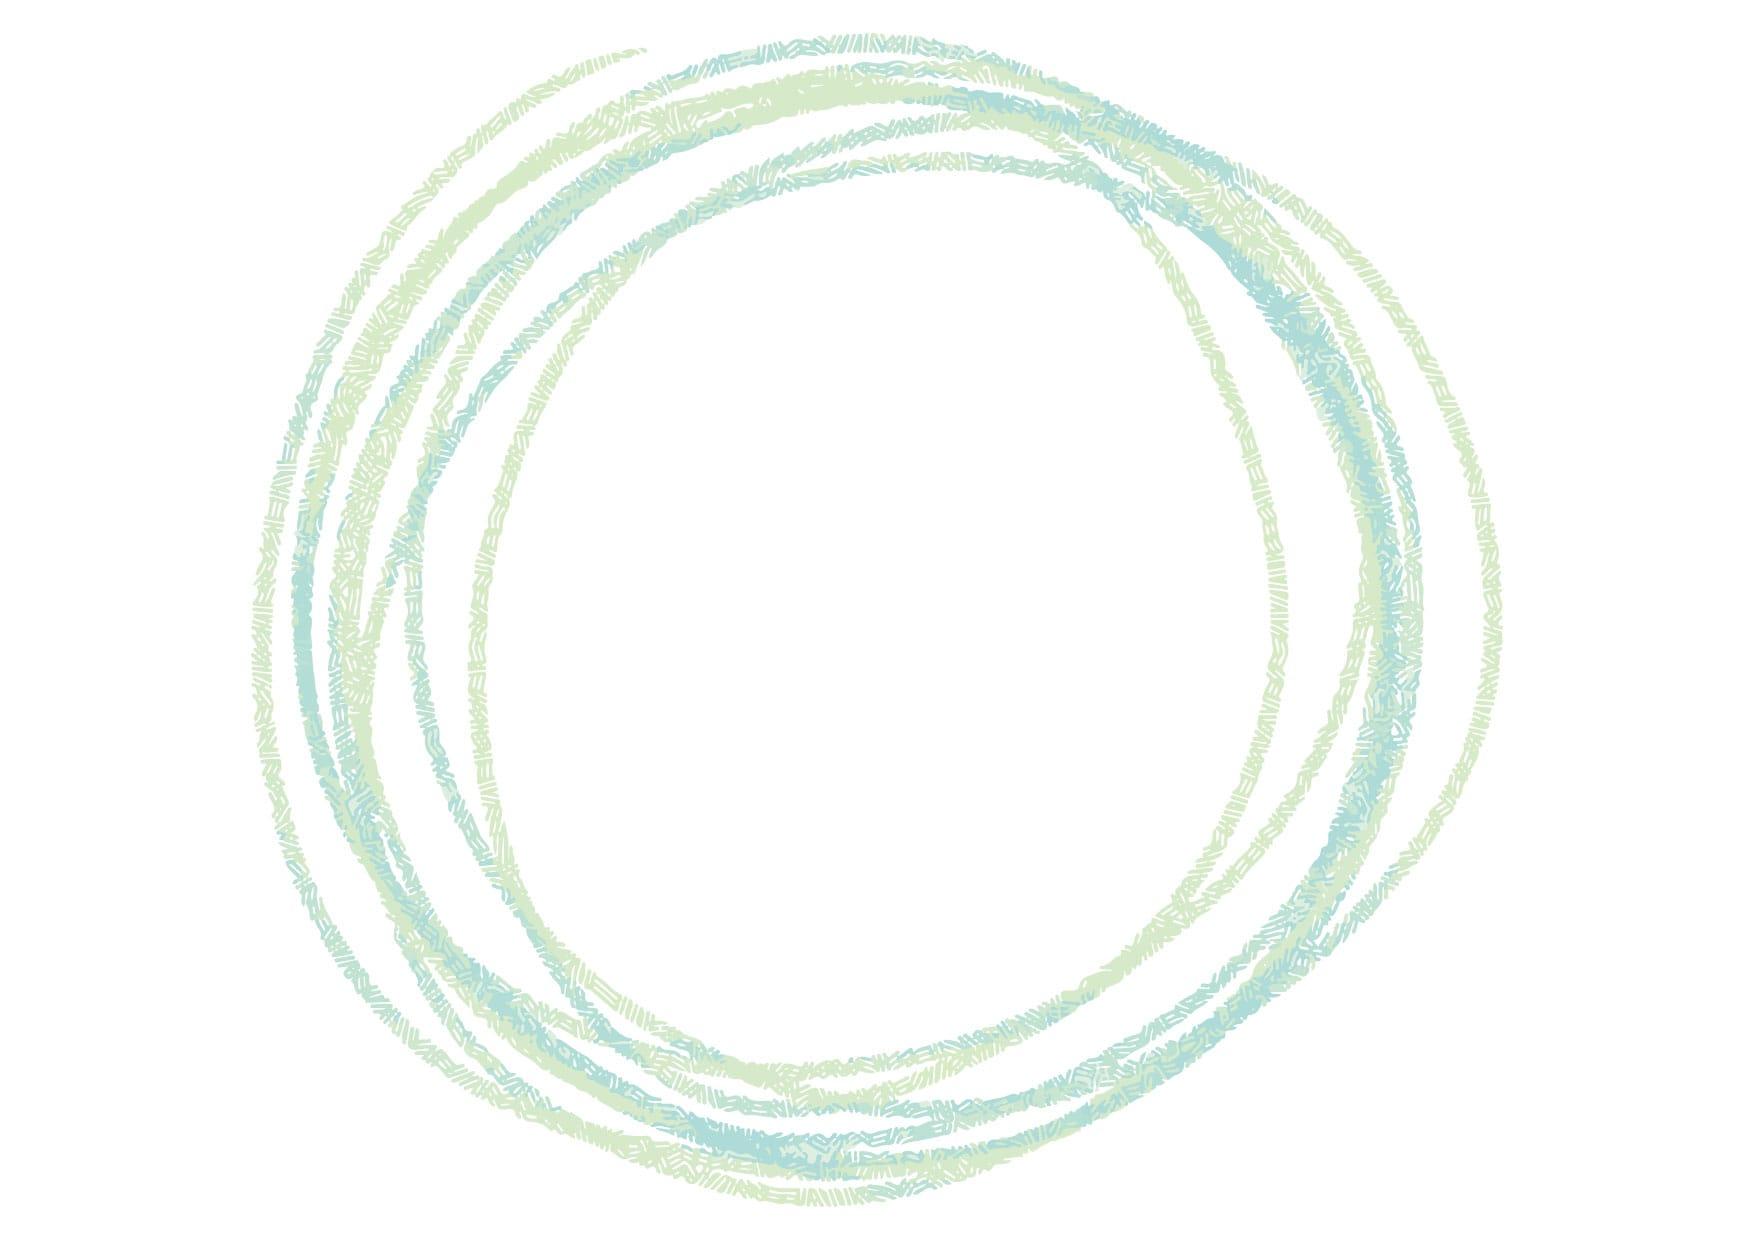 可愛いイラスト無料|円 手書き ラフ 緑色 − free illustration Circle handwriting rough green